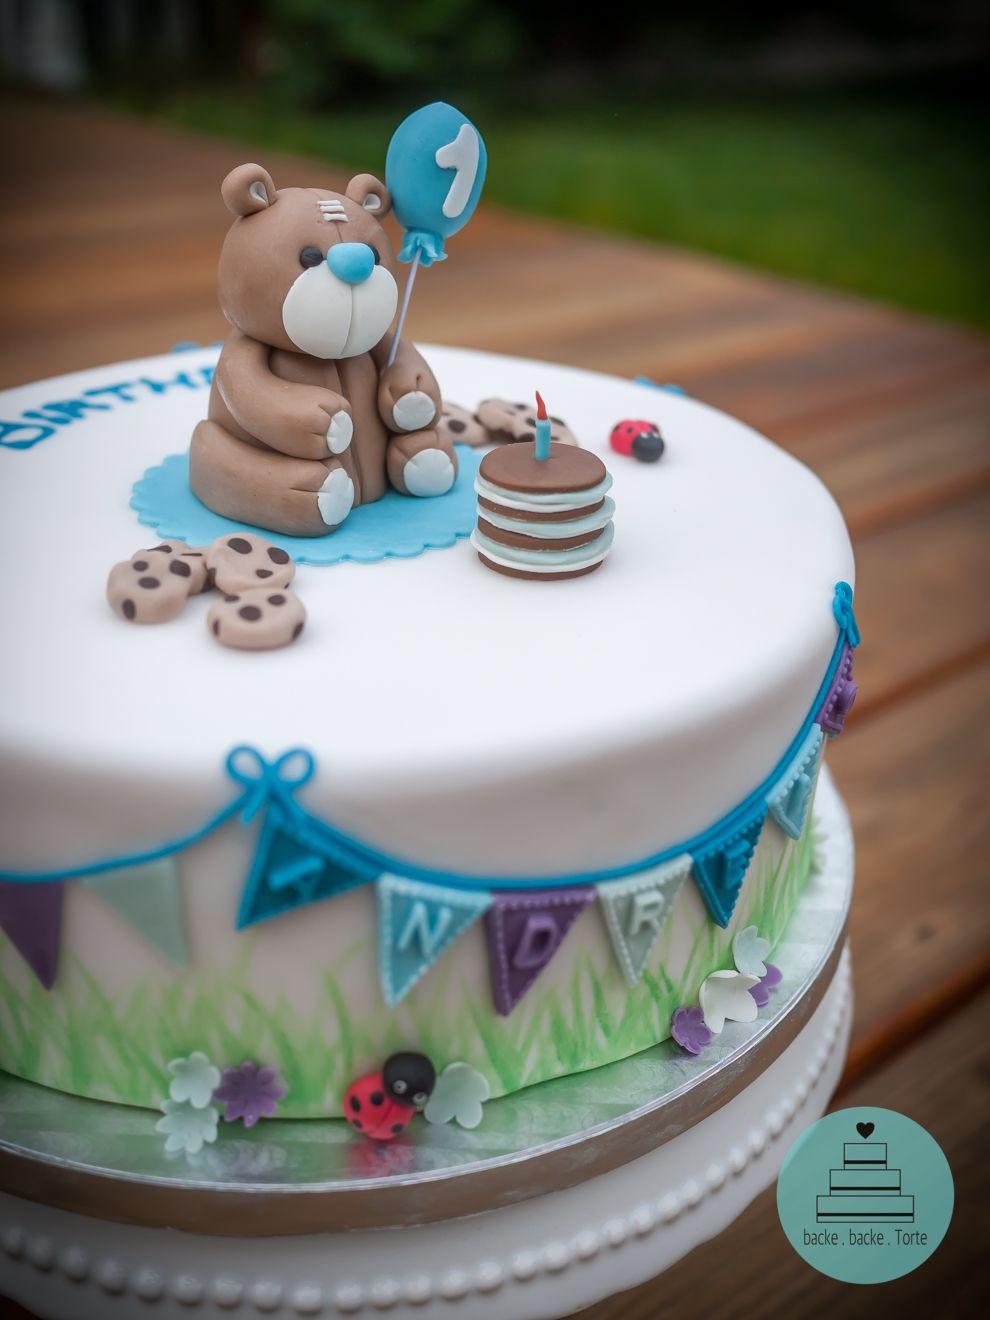 Geburtstagstorte Zum 1 Geburtstag  Motivtorte zum 1 Geburtstag Motivtorte